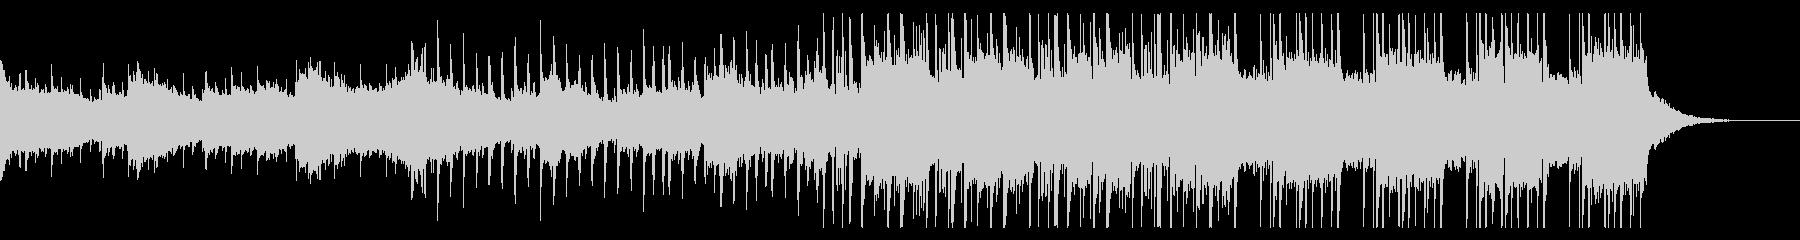 ボーカルチョップが可愛いPOPの未再生の波形